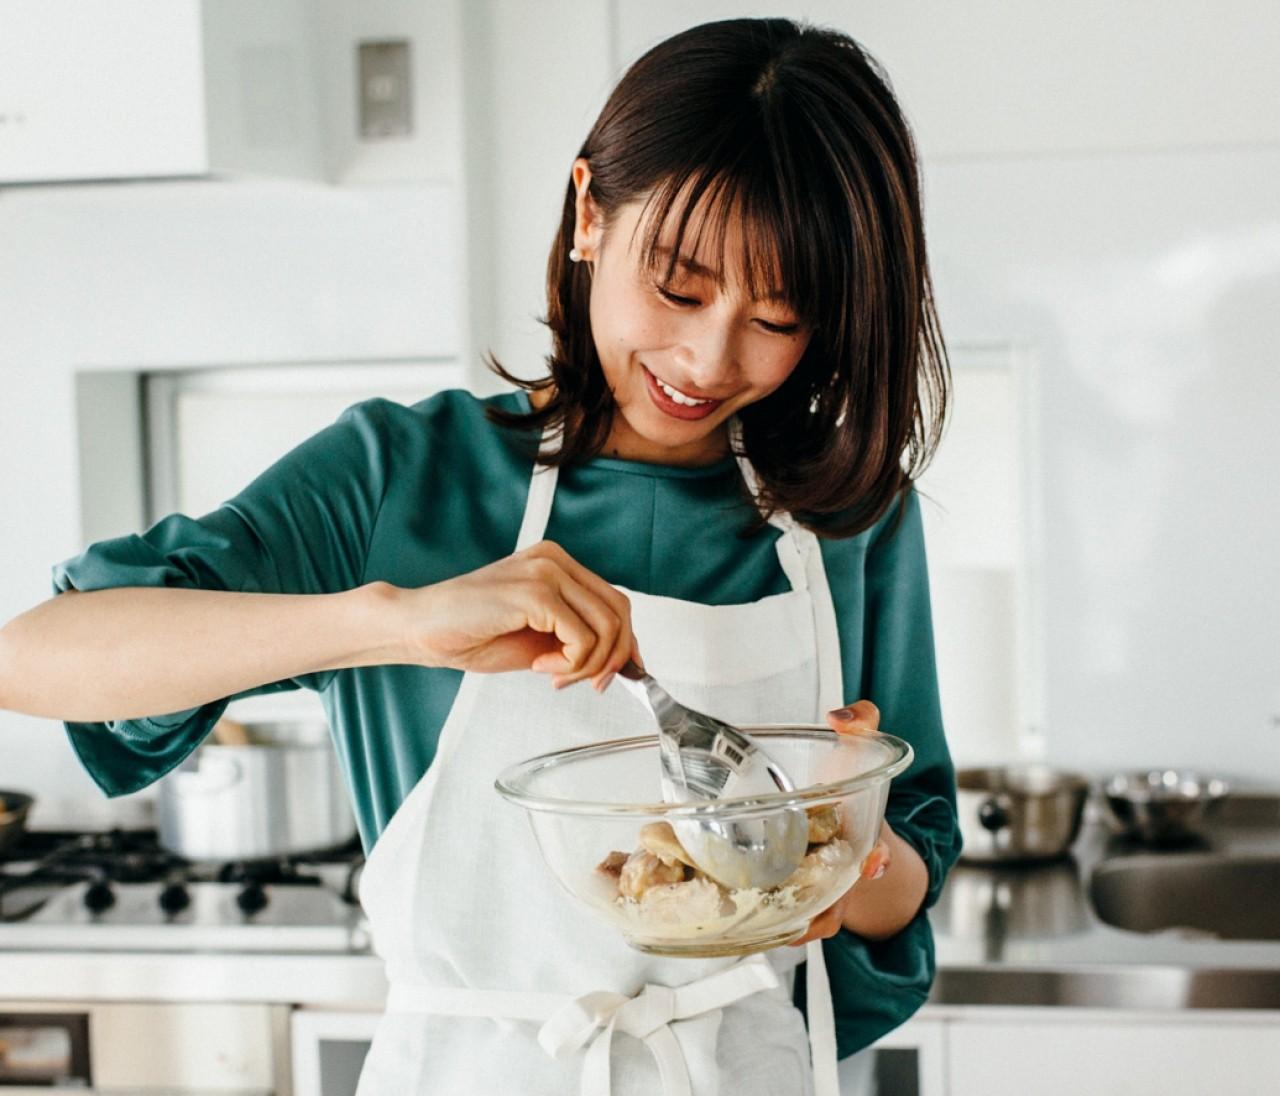 フォトジェニックでお腹も満足。「春サラダランチ」を作ってみよう! 【お料理新連載スタート】